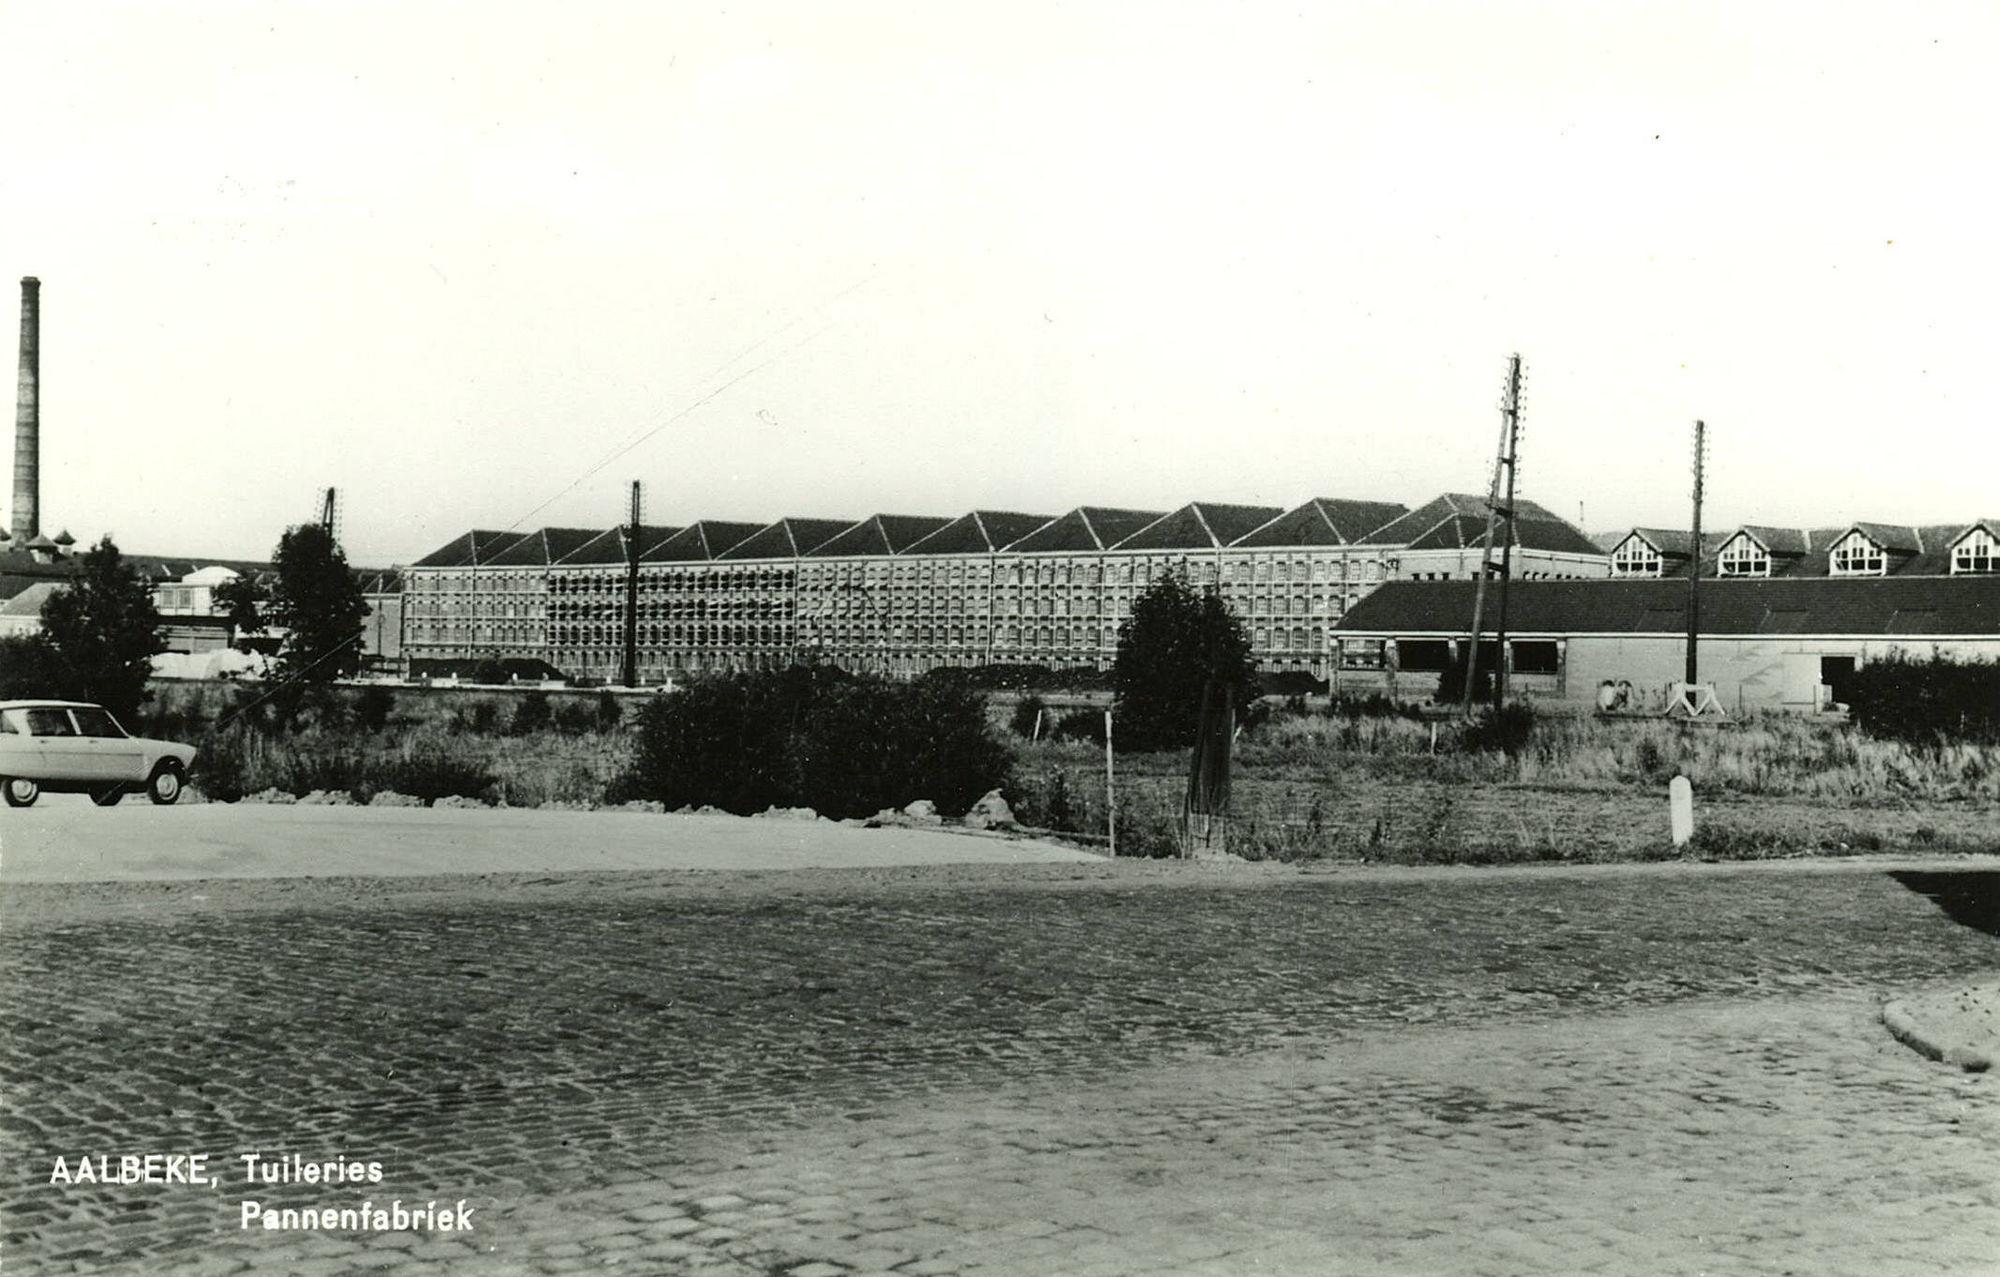 Aalbeke pannenfabriek